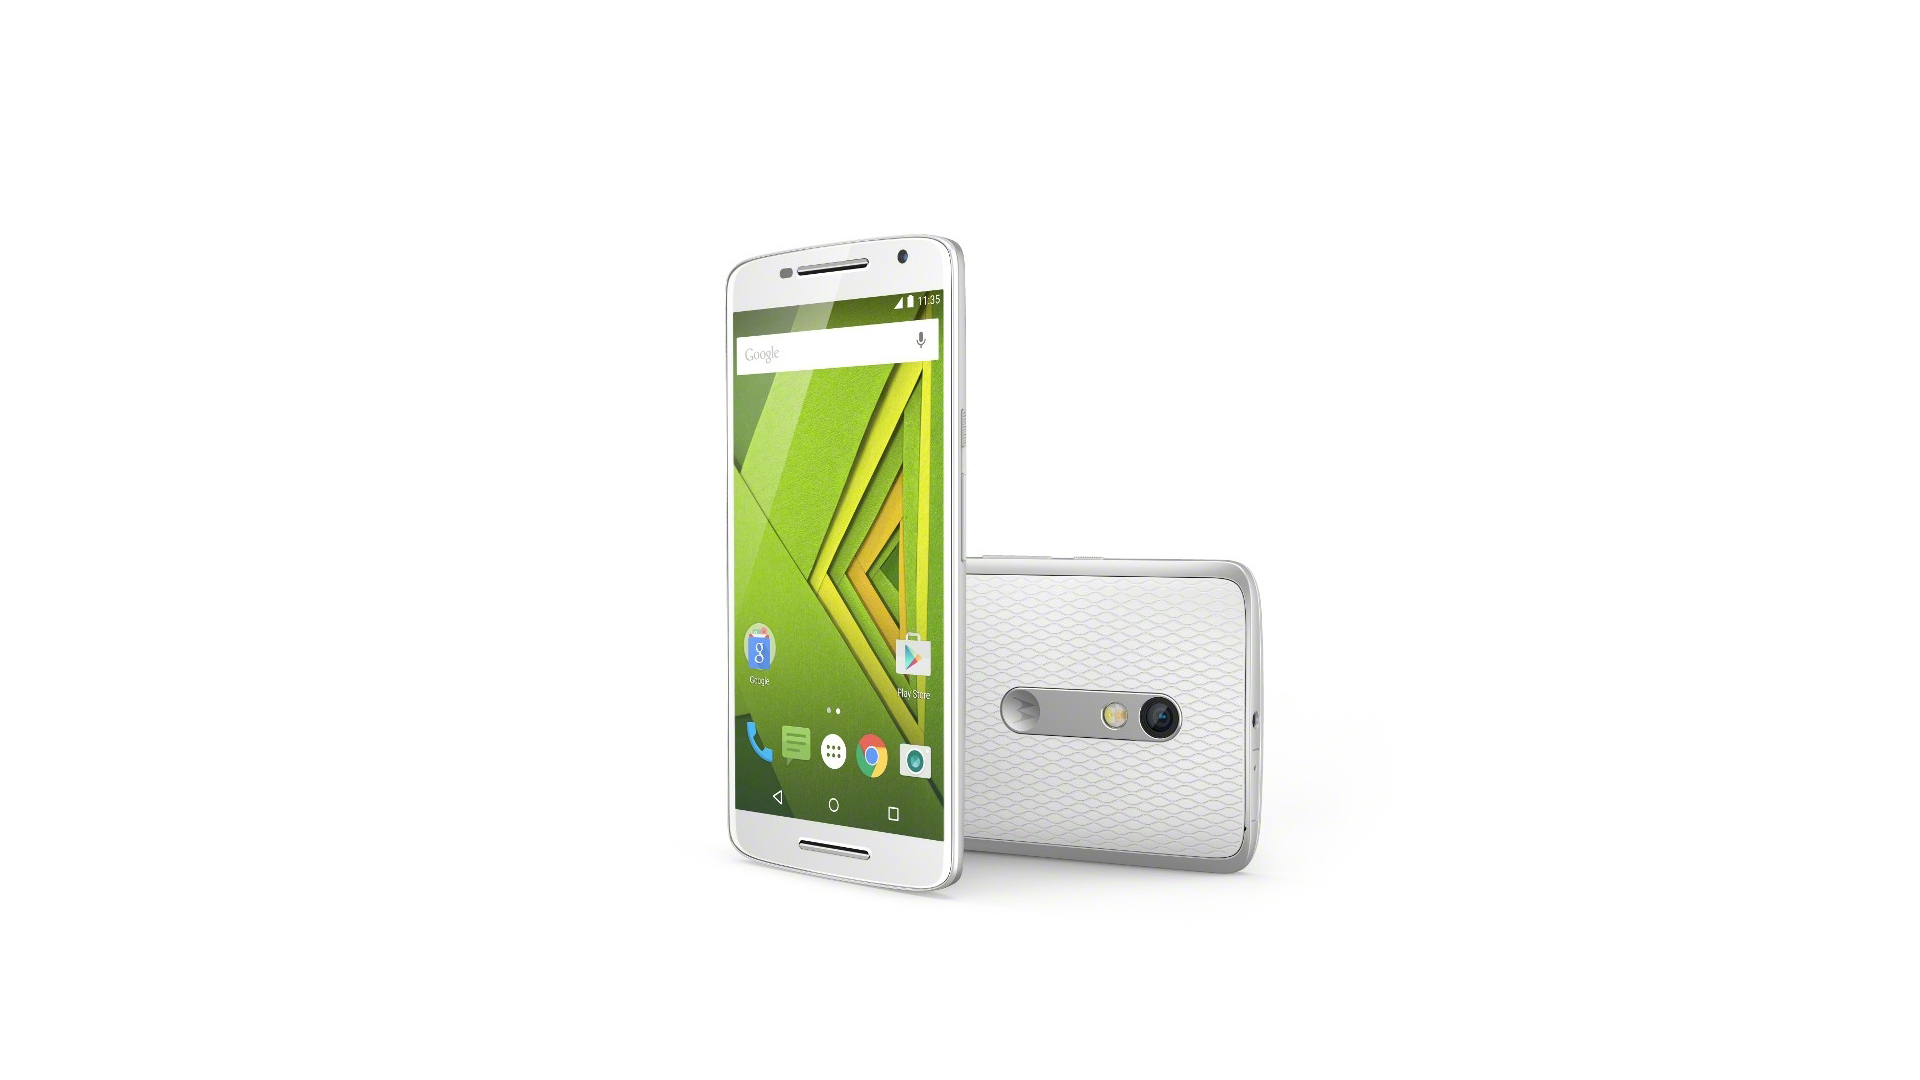 Motorola presentó tres nuevos celulares, entre ellos uno que puede estar en el agua por al menos media hora